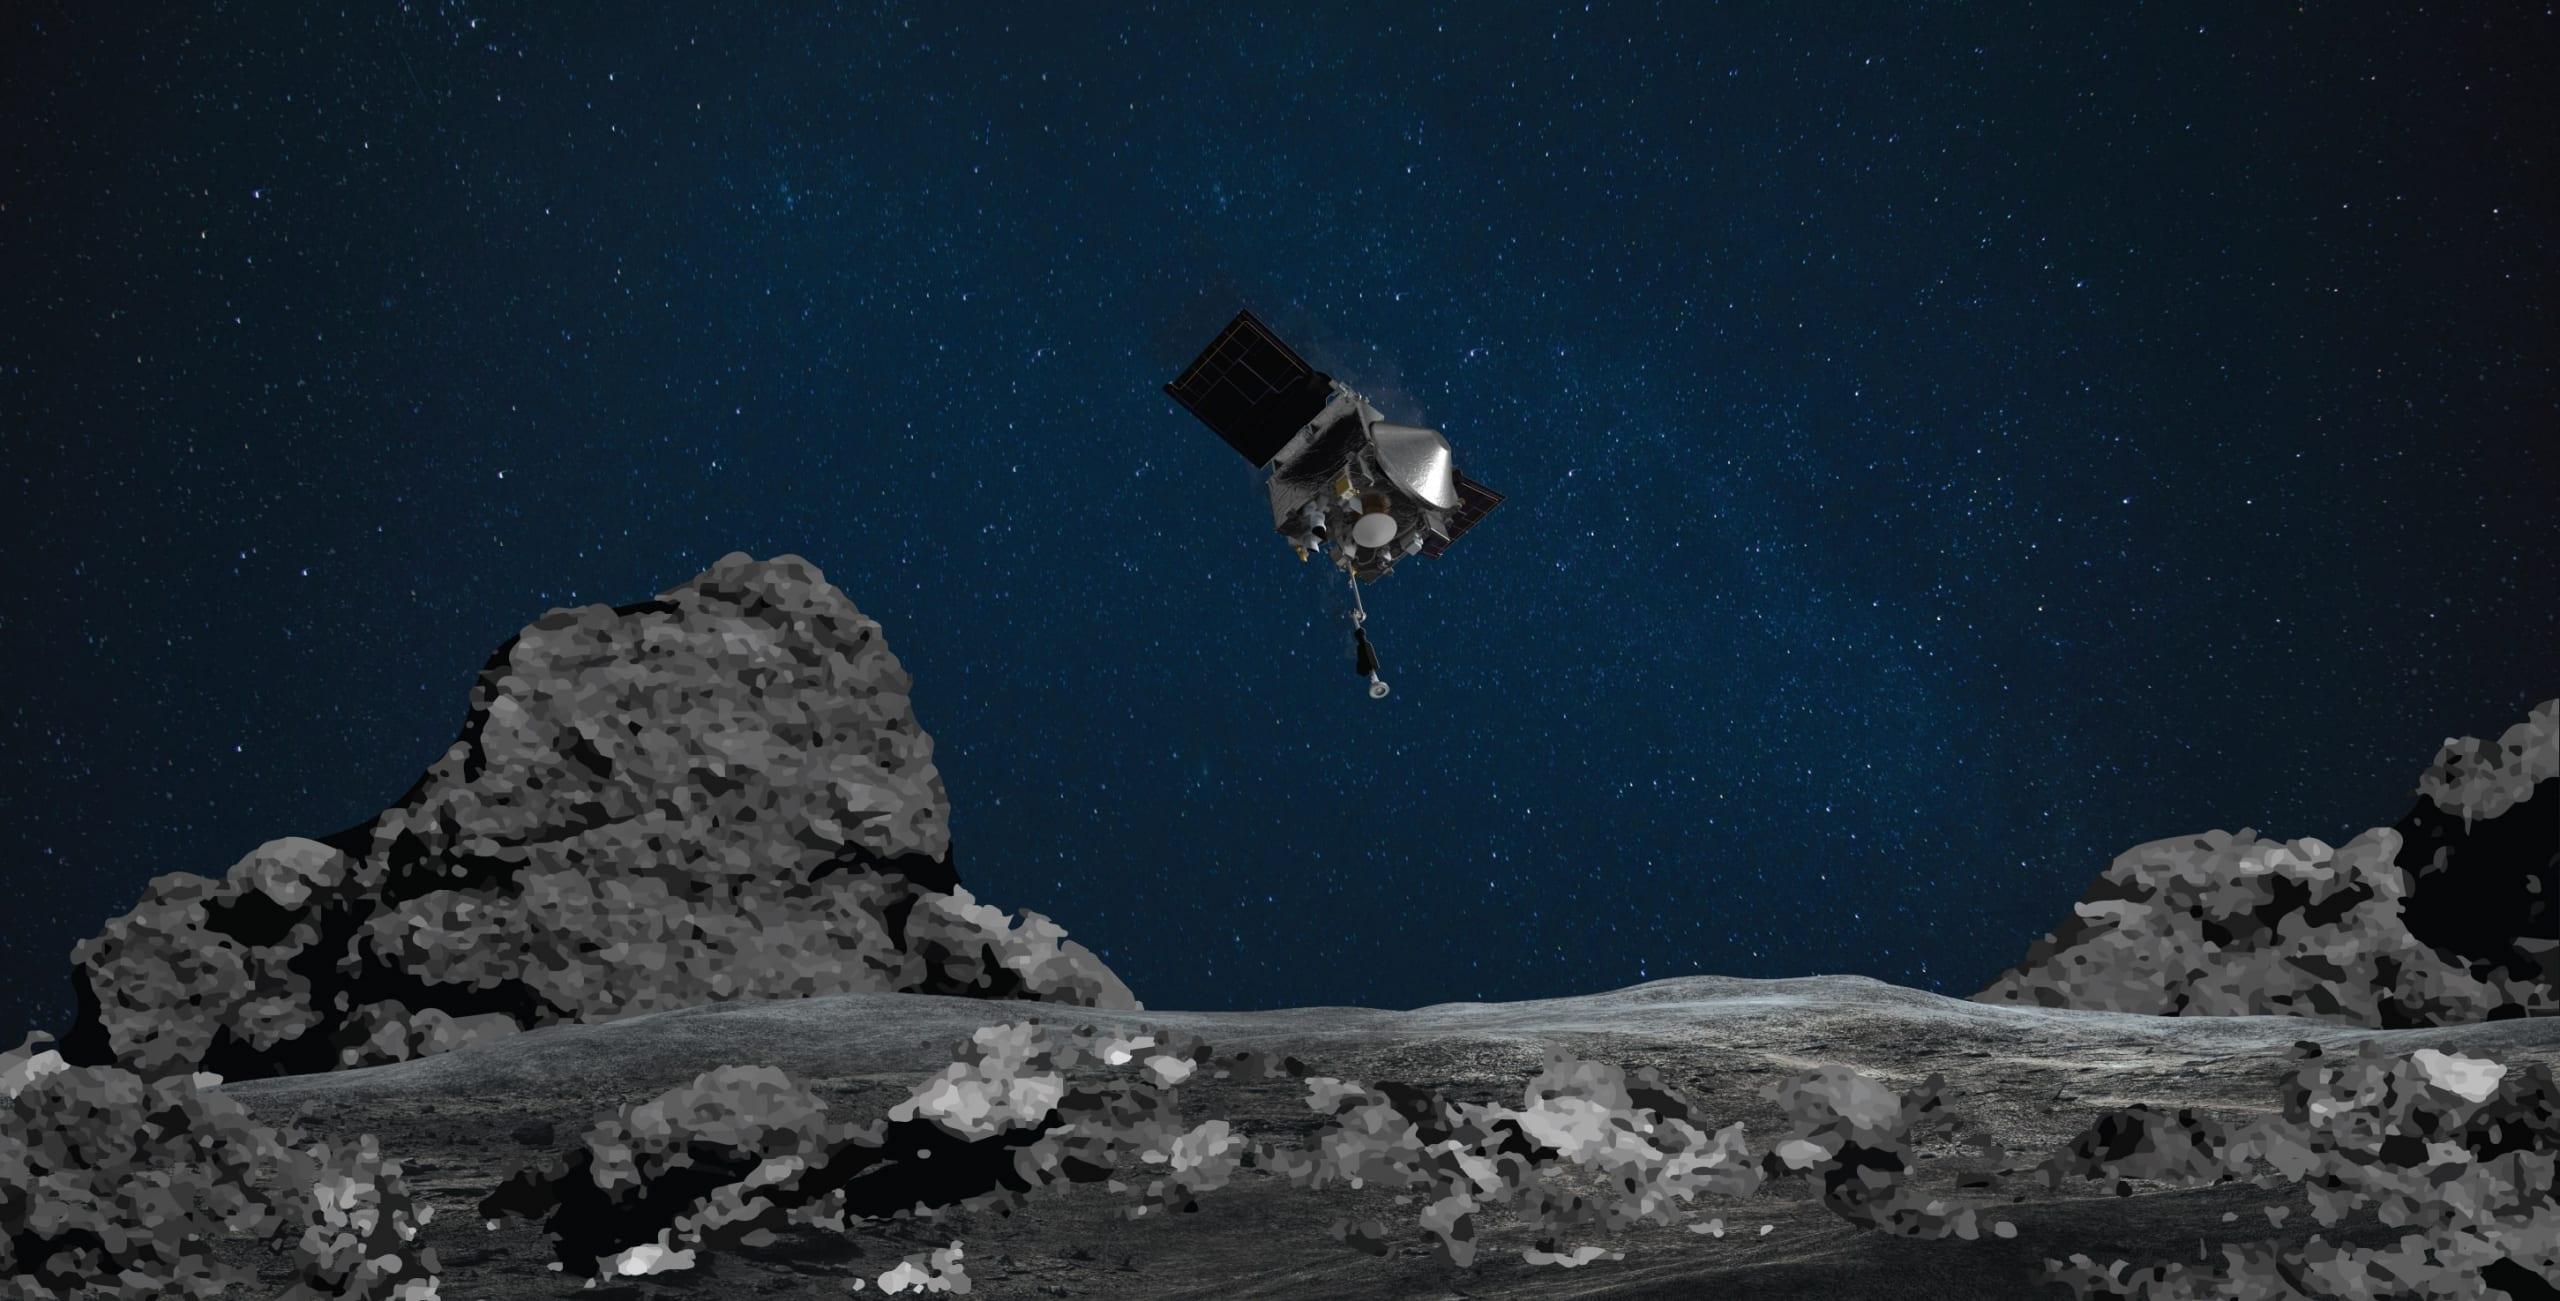 La NASA prenderà un campione d'asteroide: ecco dove guardarlo in diretta